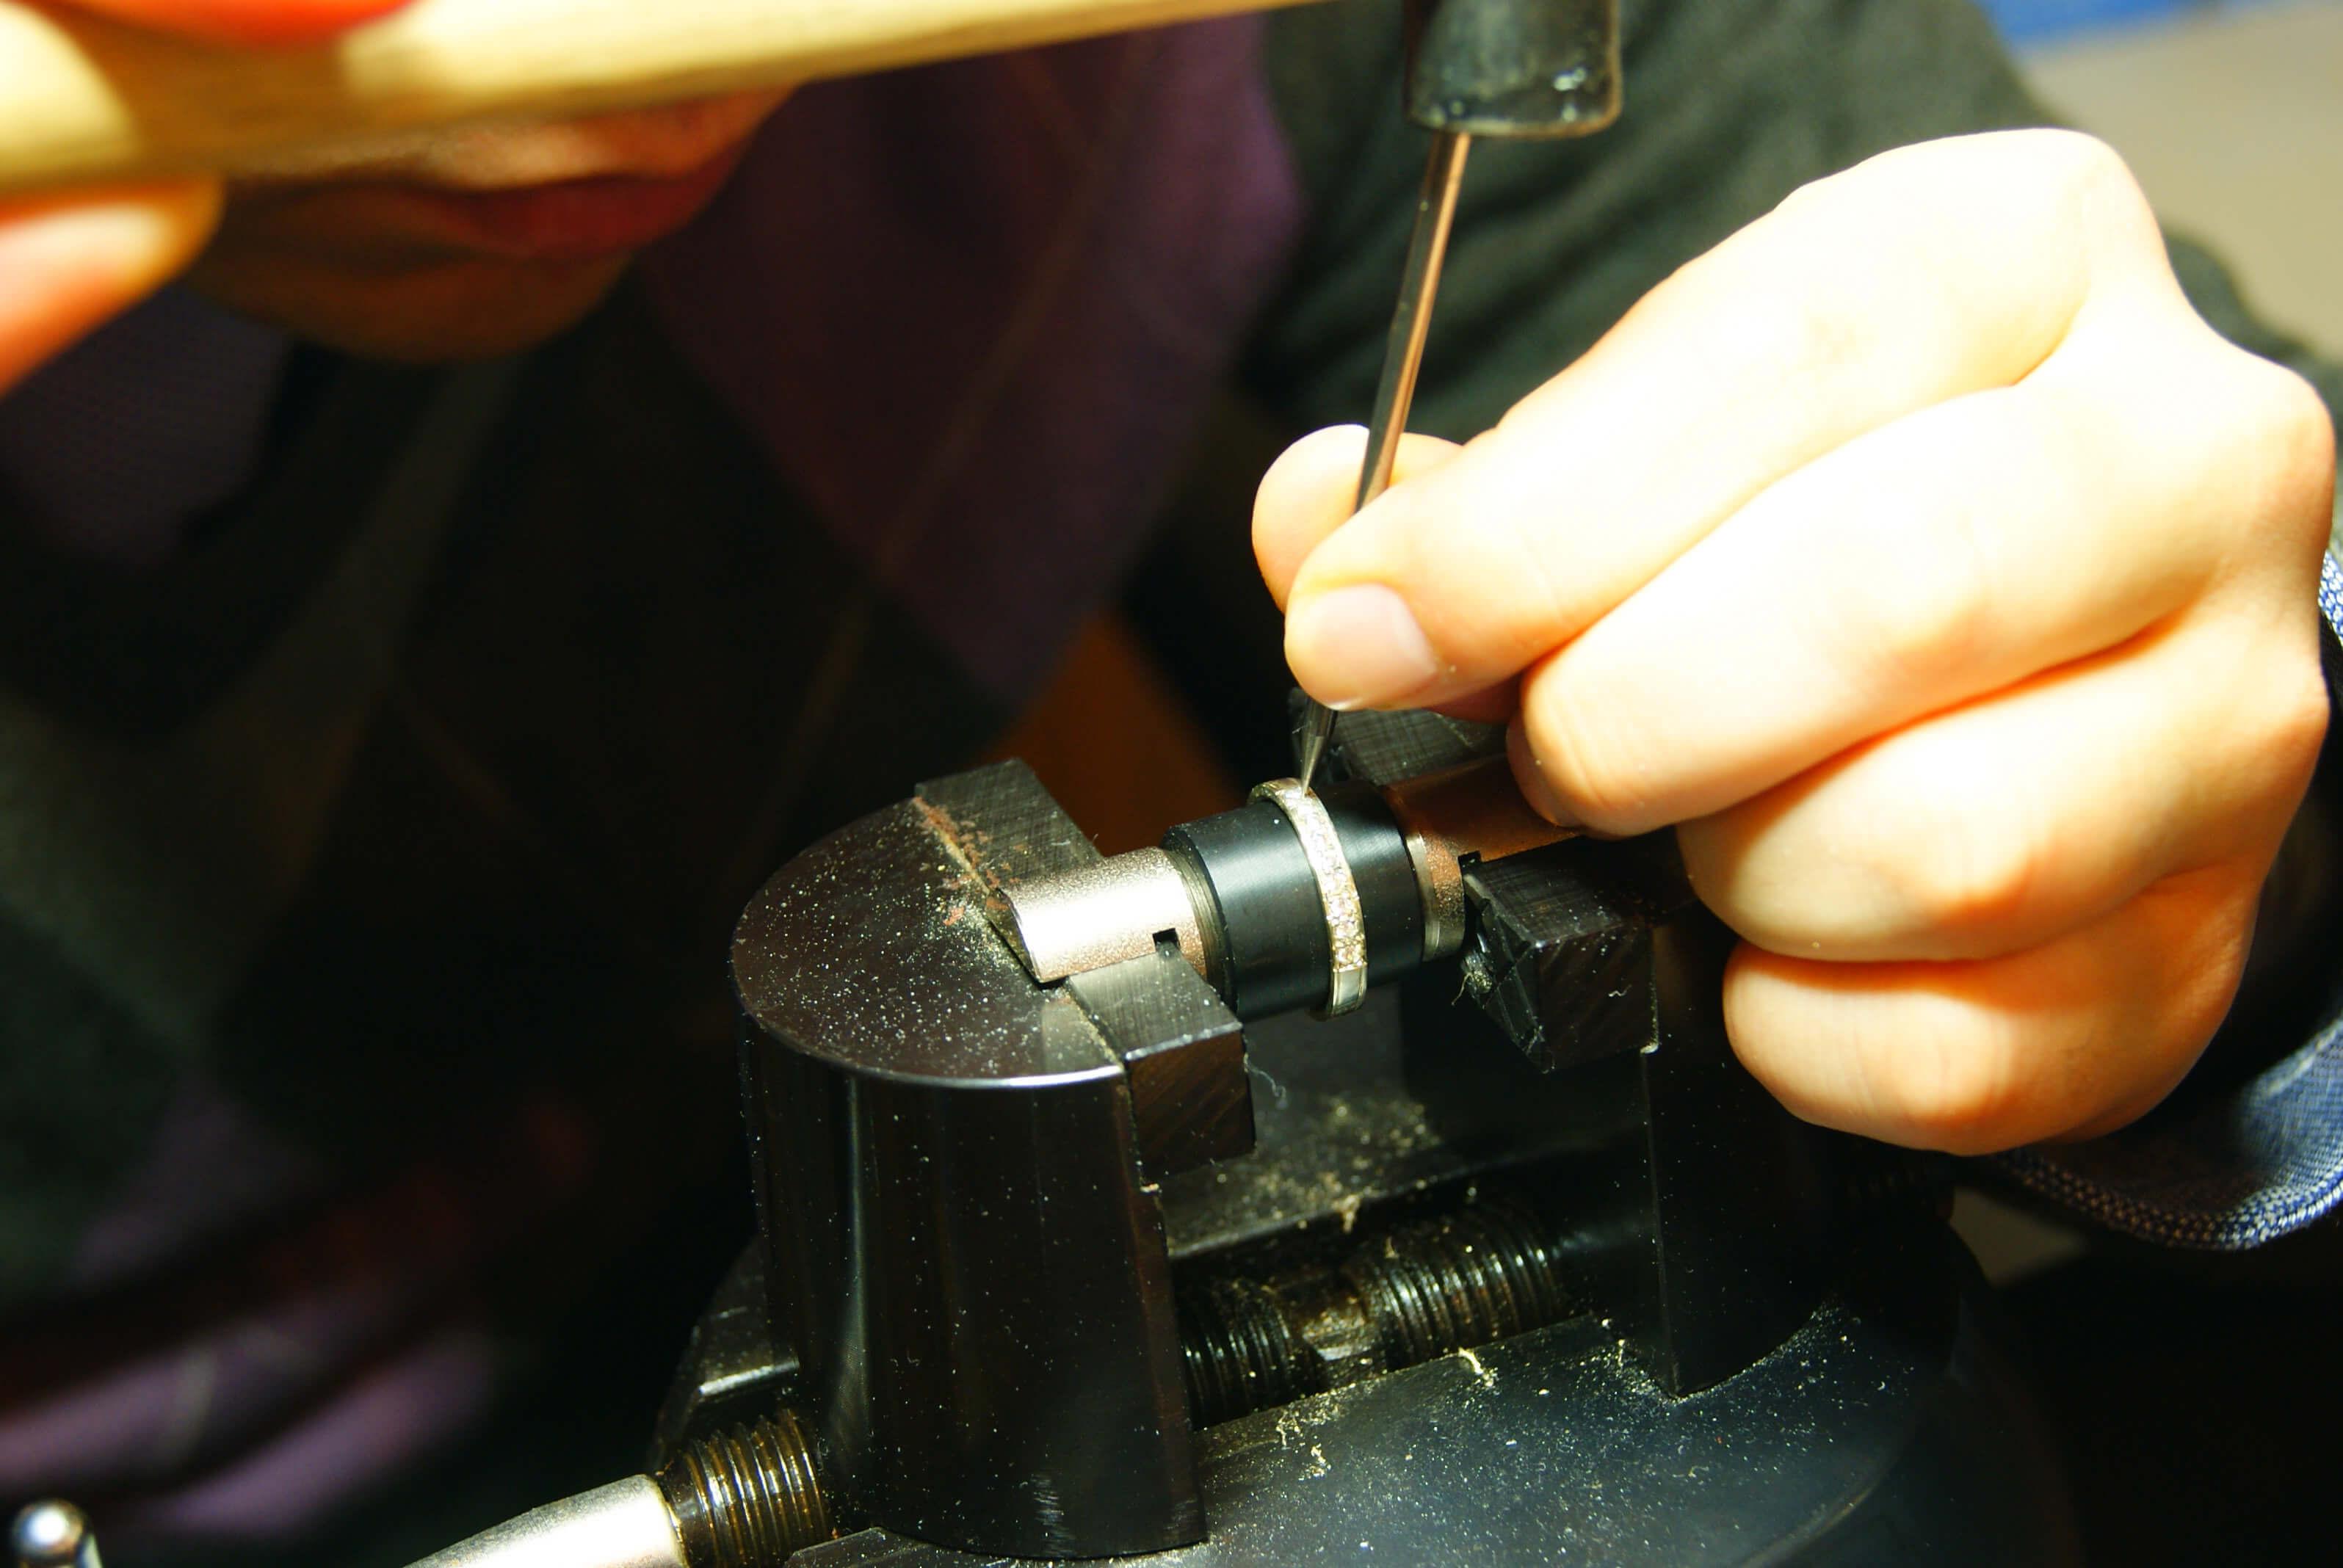 オーダーメイド・製法 | 地金加工 | かざりやゆい | 世界に一つだけの結婚指輪「kazariya Yui」 | 福島県郡山市